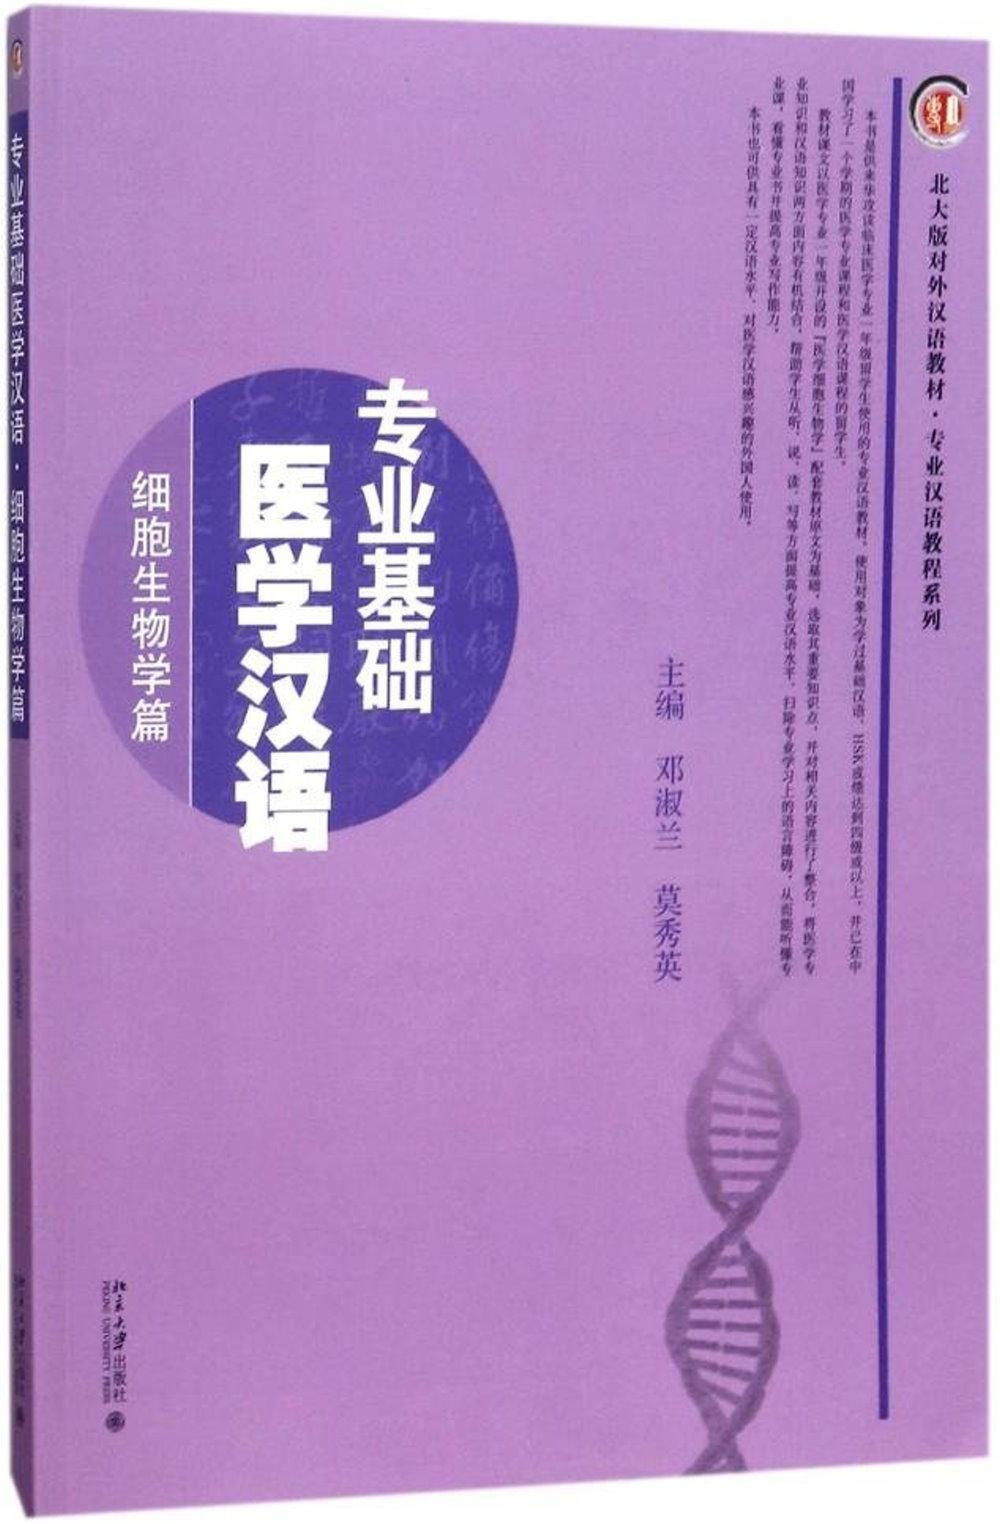 專業基礎醫學漢語:細胞生物學篇